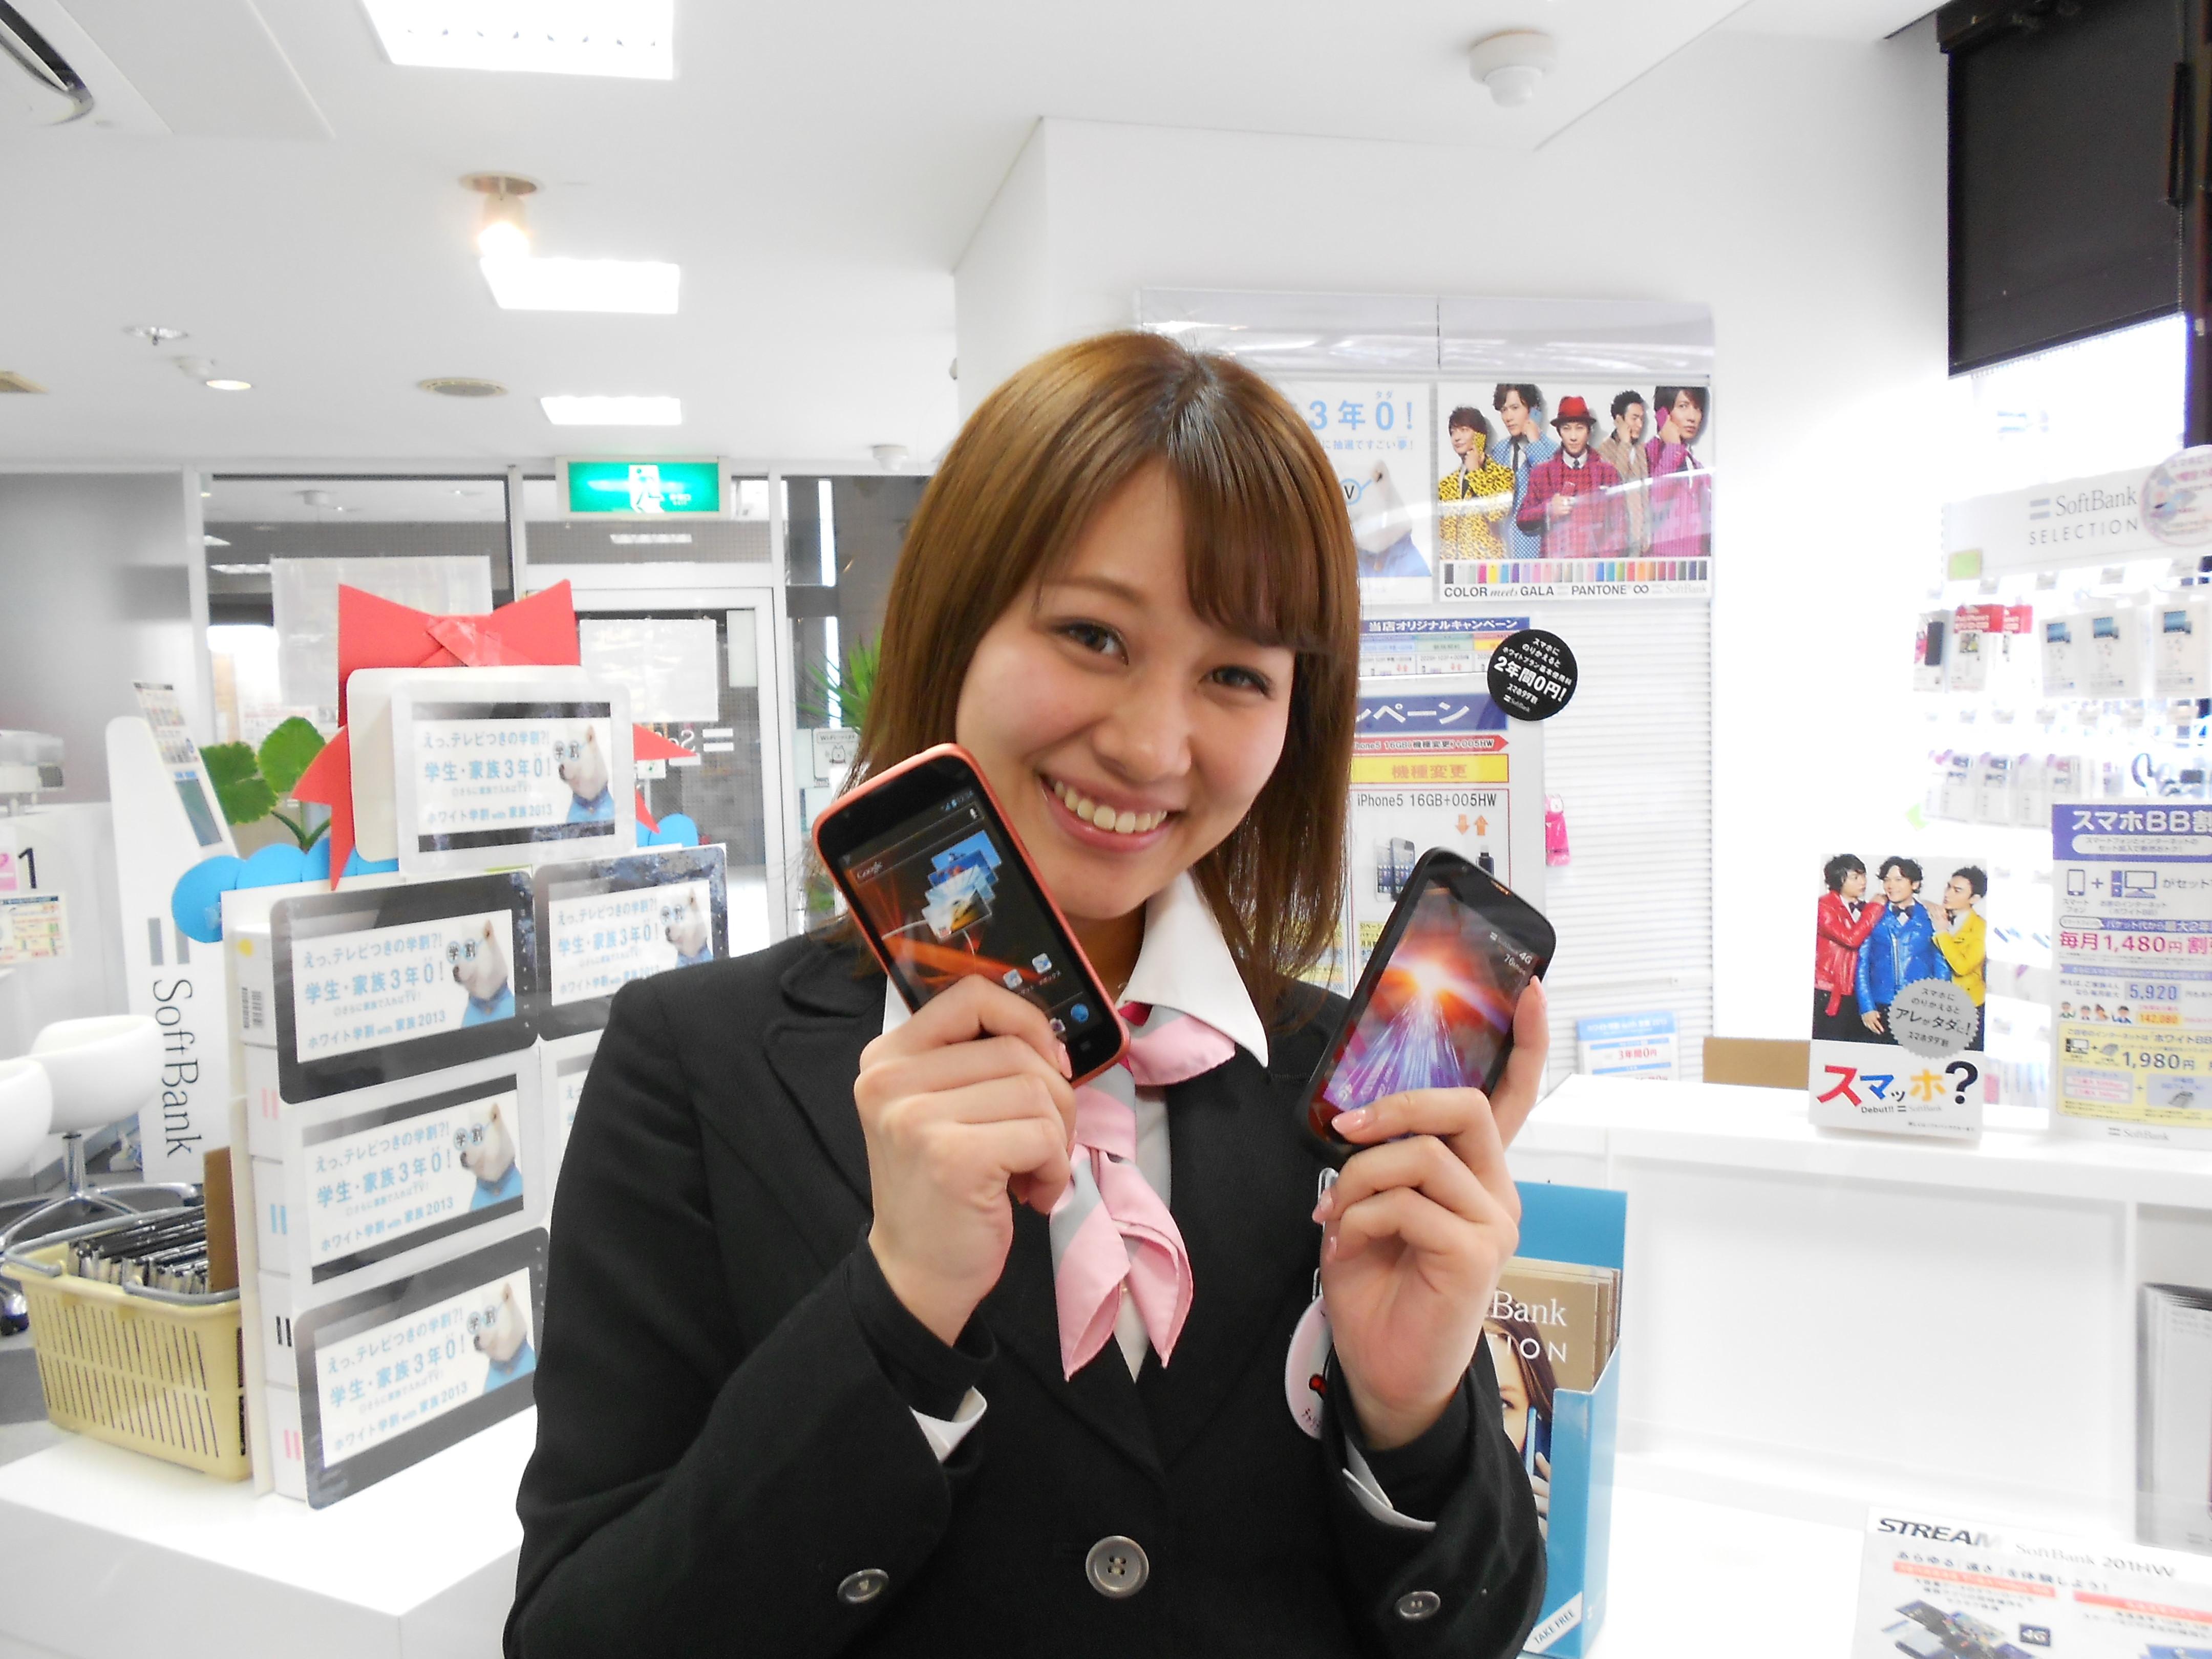 エディオン 豊田本店(株式会社シエロ) のアルバイト情報